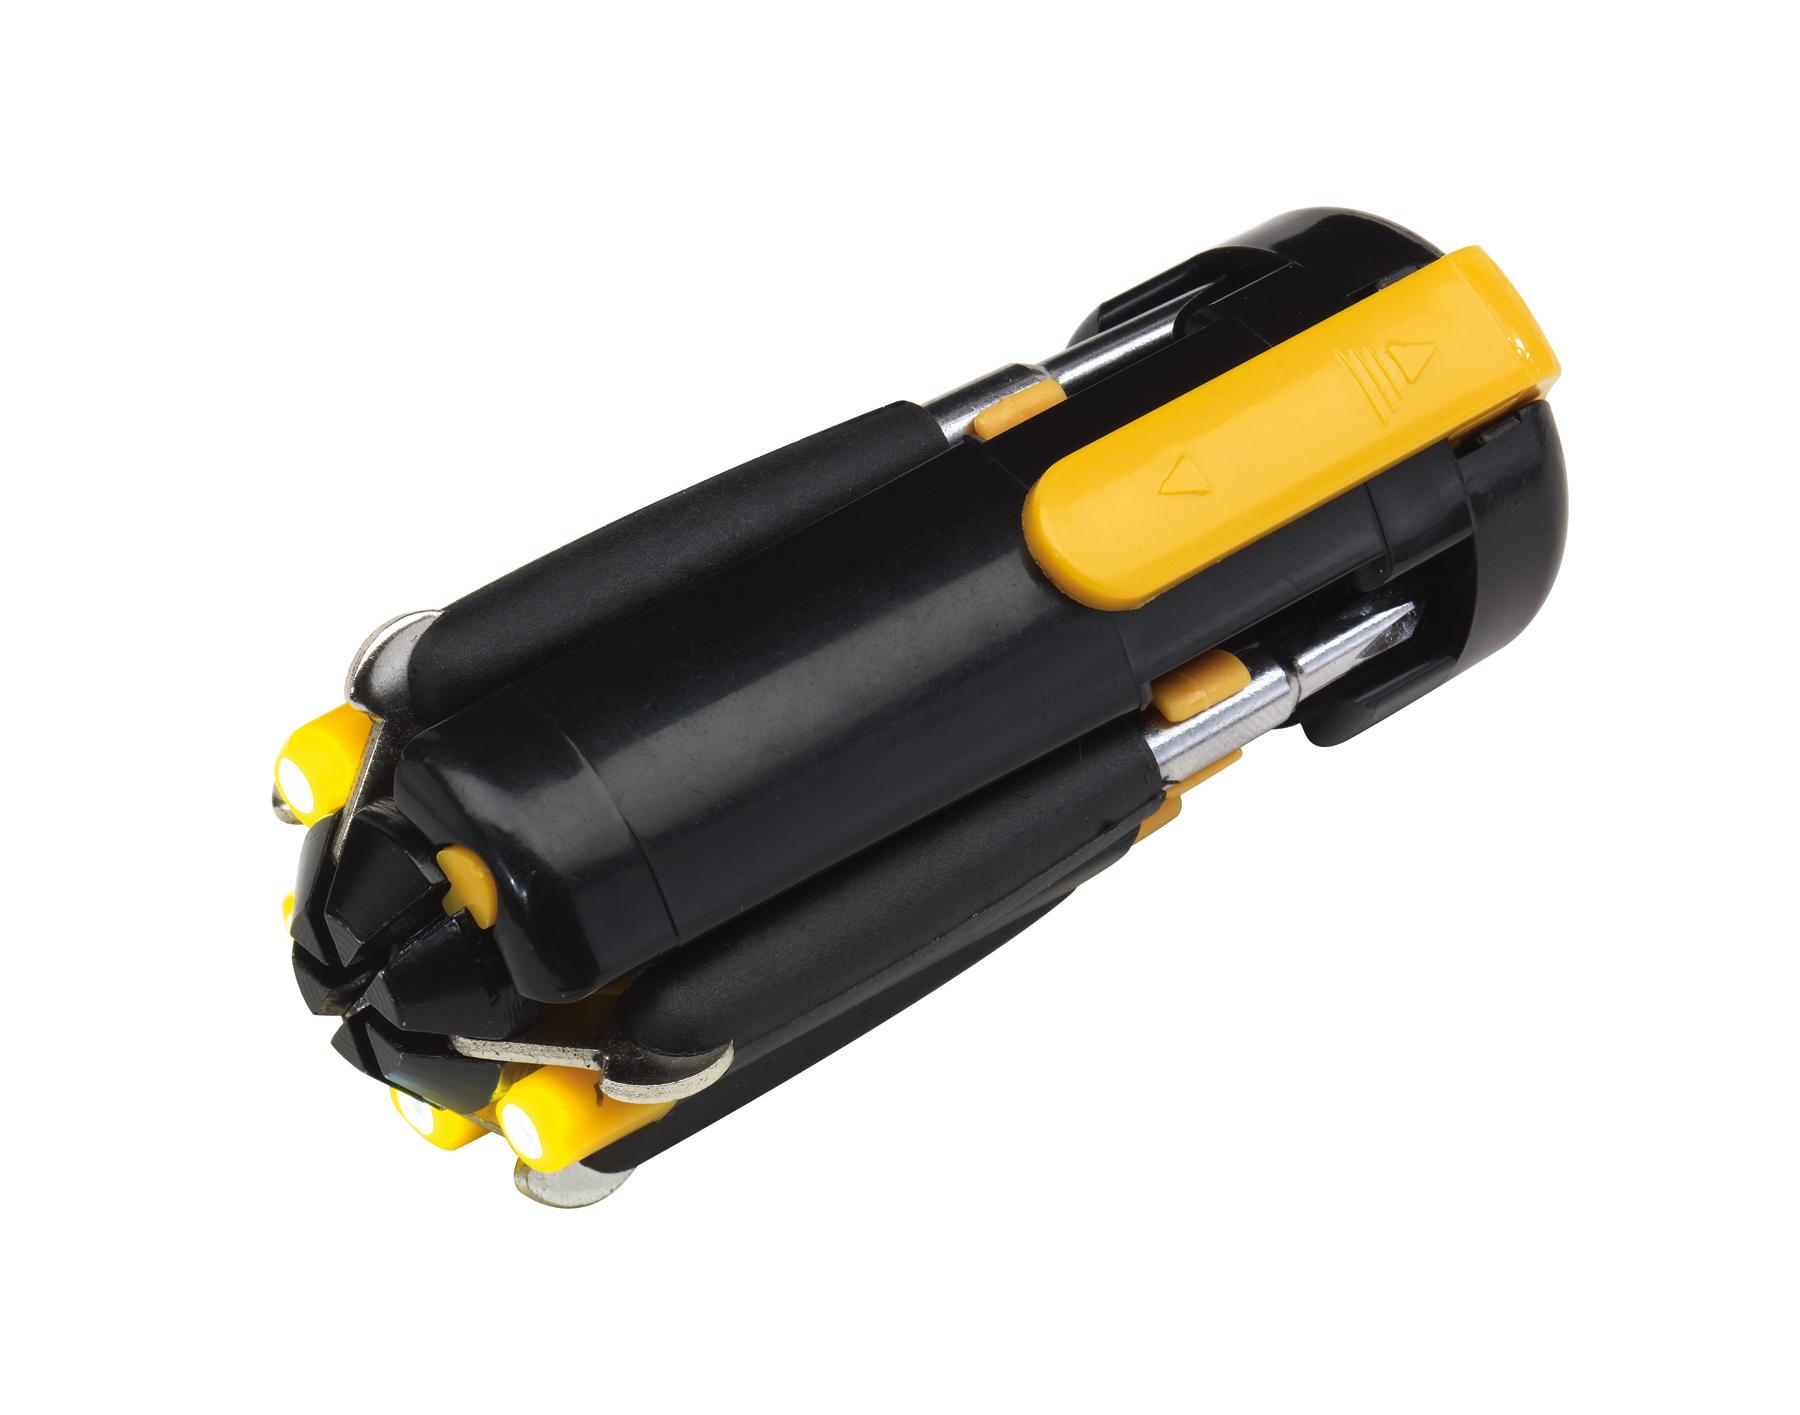 Zestaw śrubokrętów 6in1, czarny, żółty